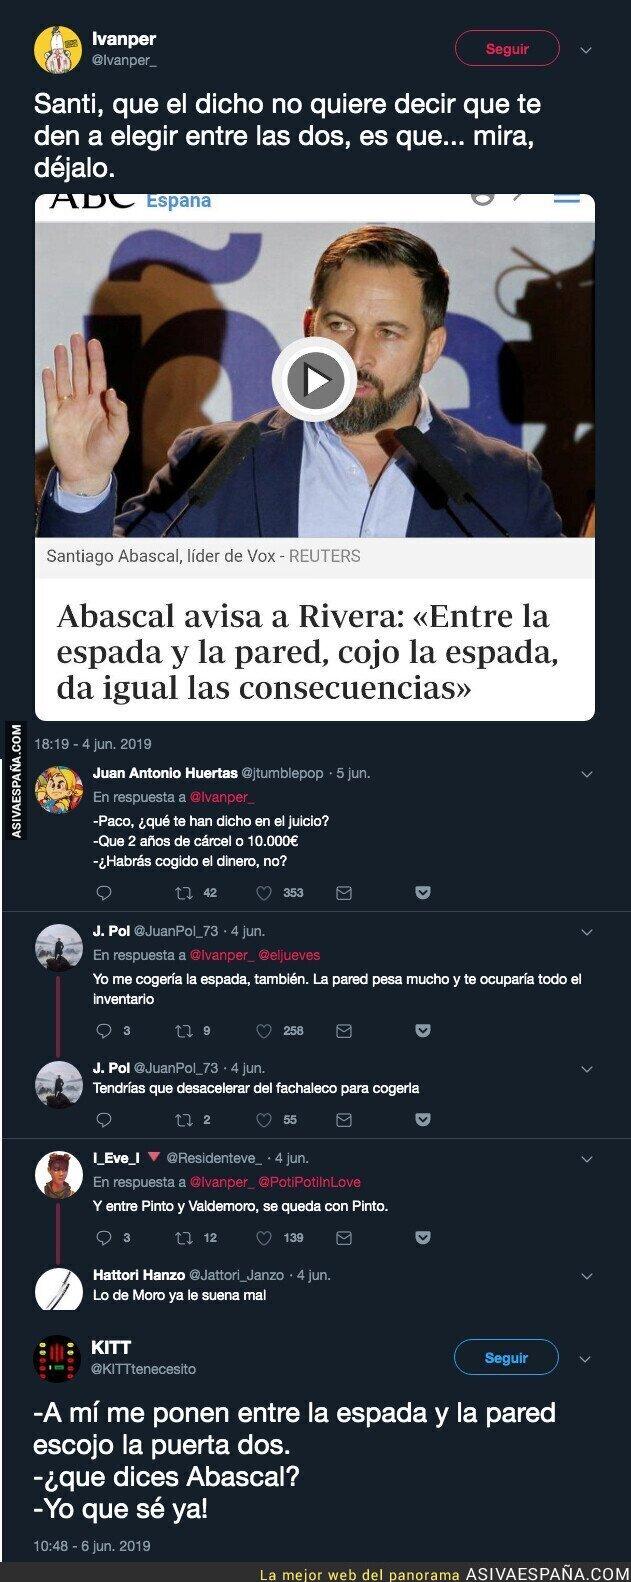 113790 - Santiago Abascal muy español pero conoce poco de los dichos populares